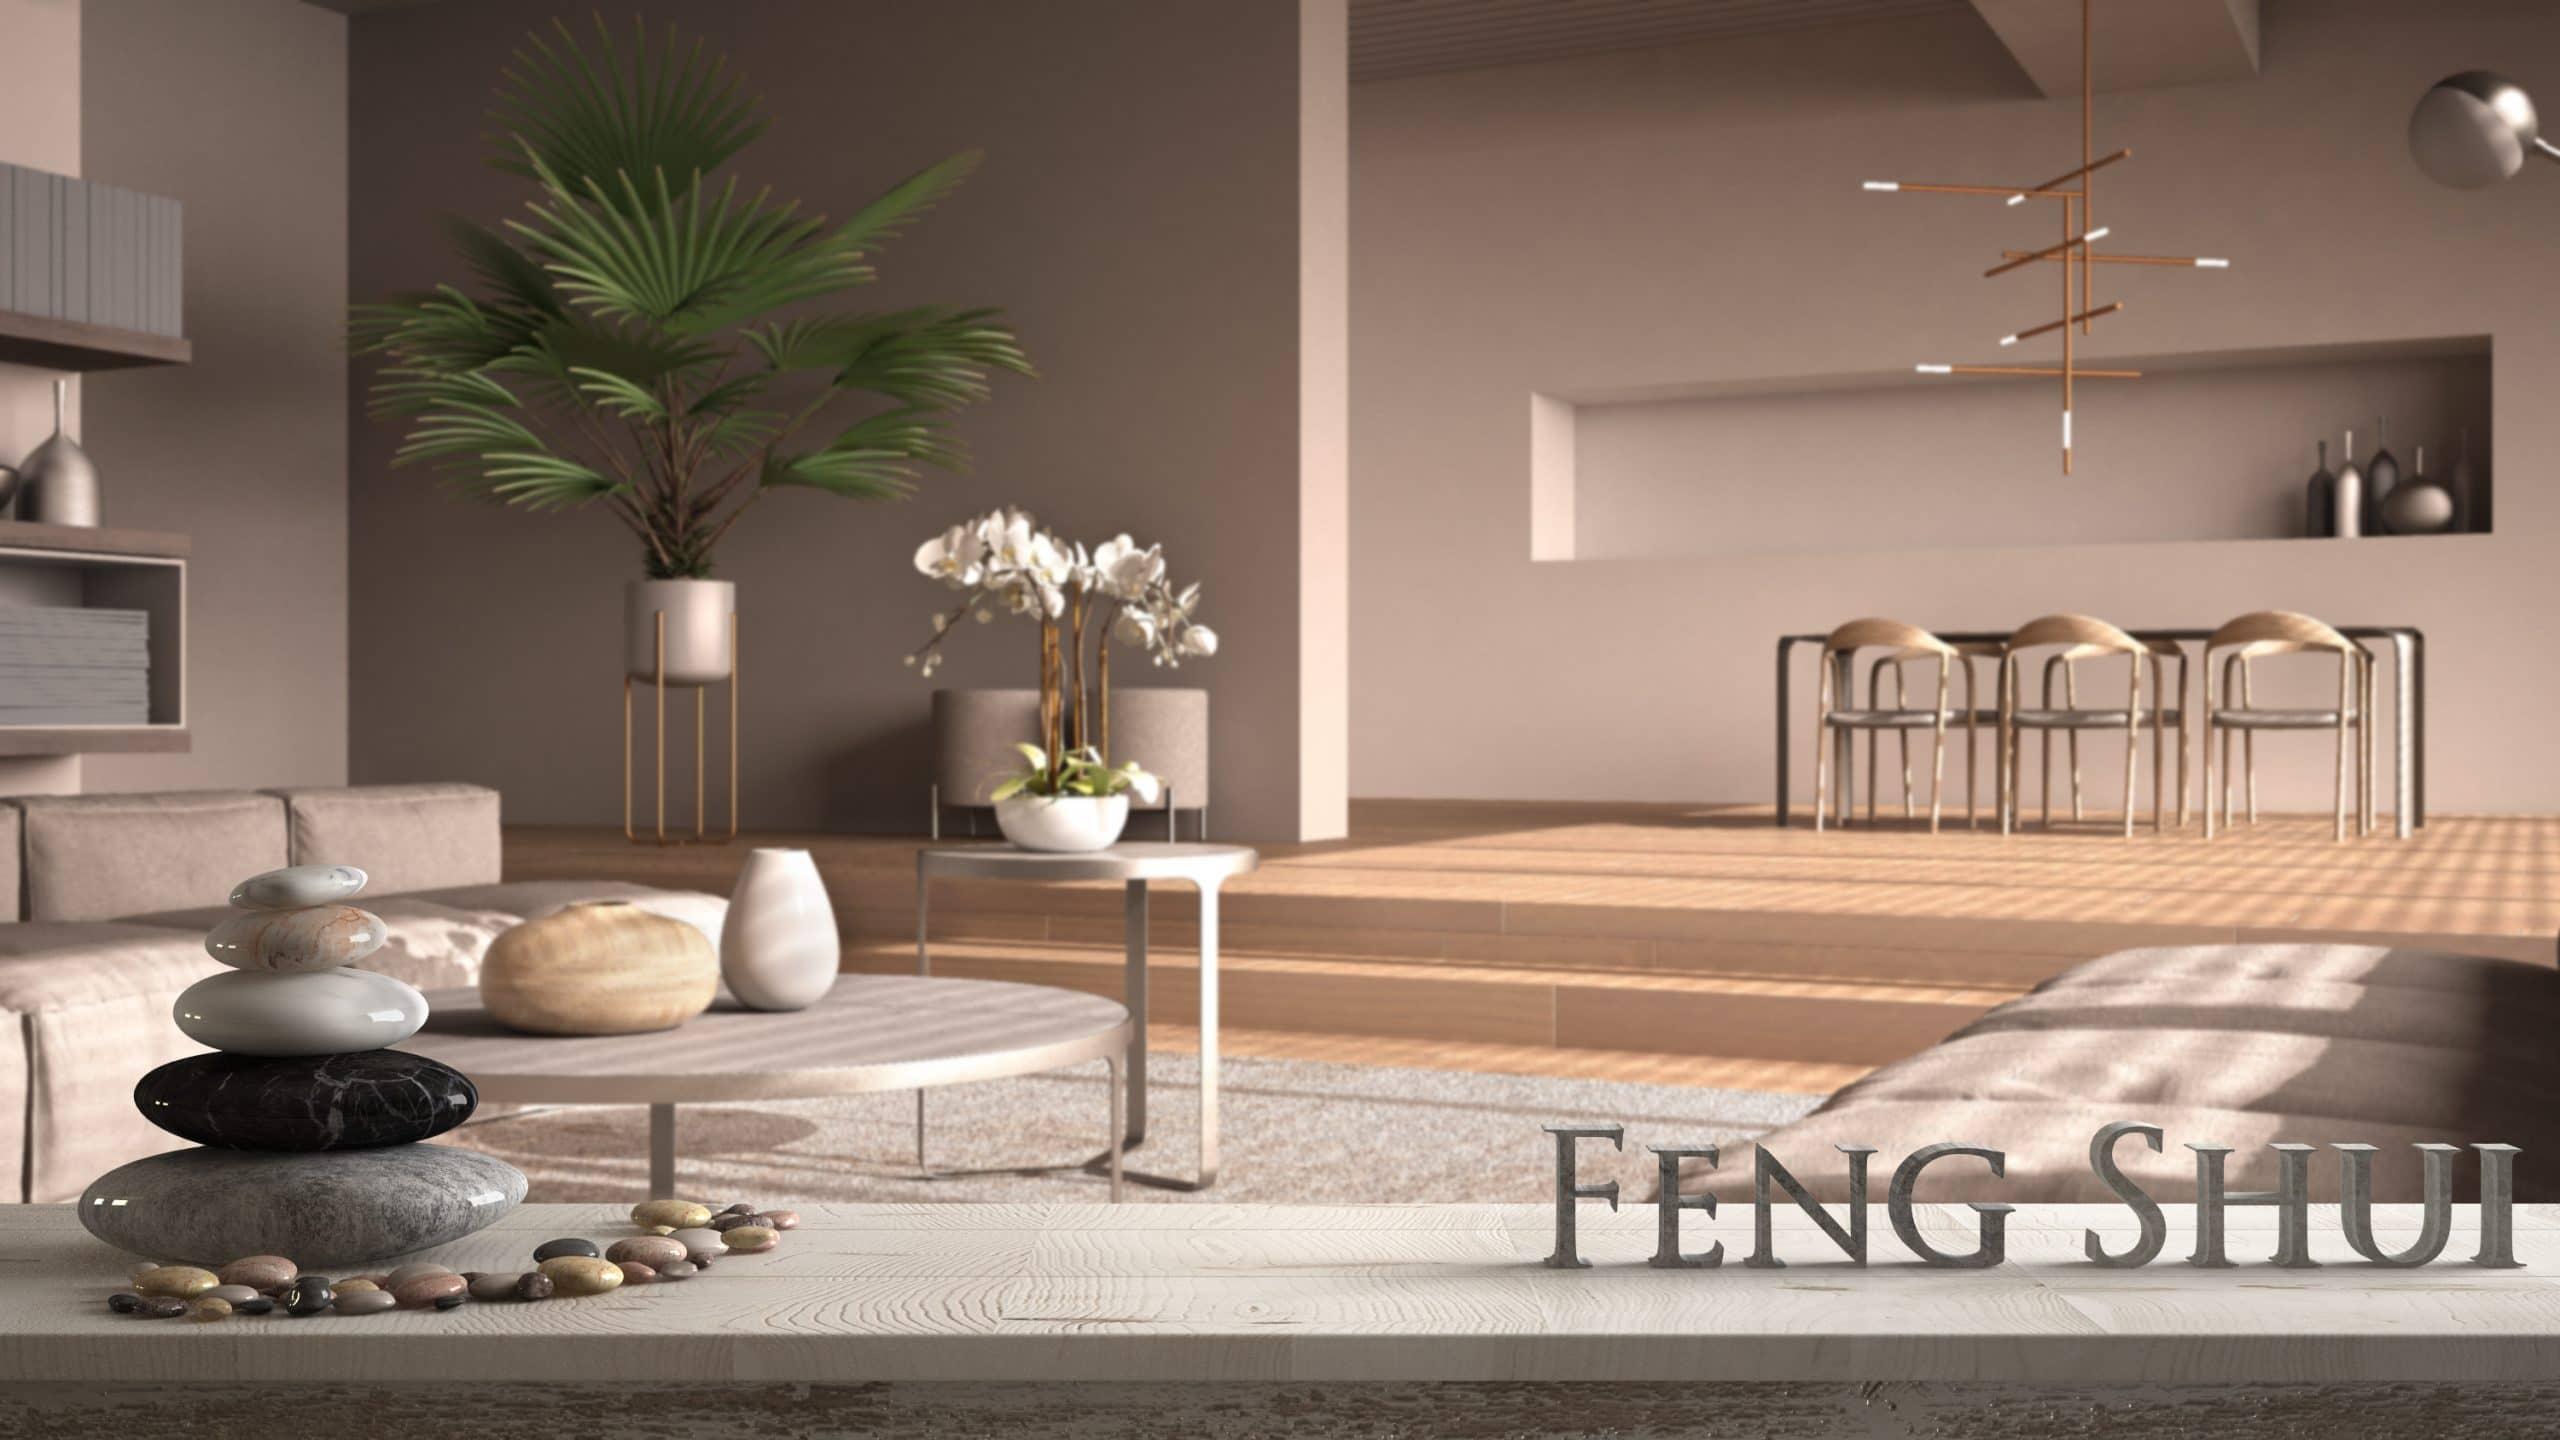 Comment placer son canapé dans un salon feng shui ?